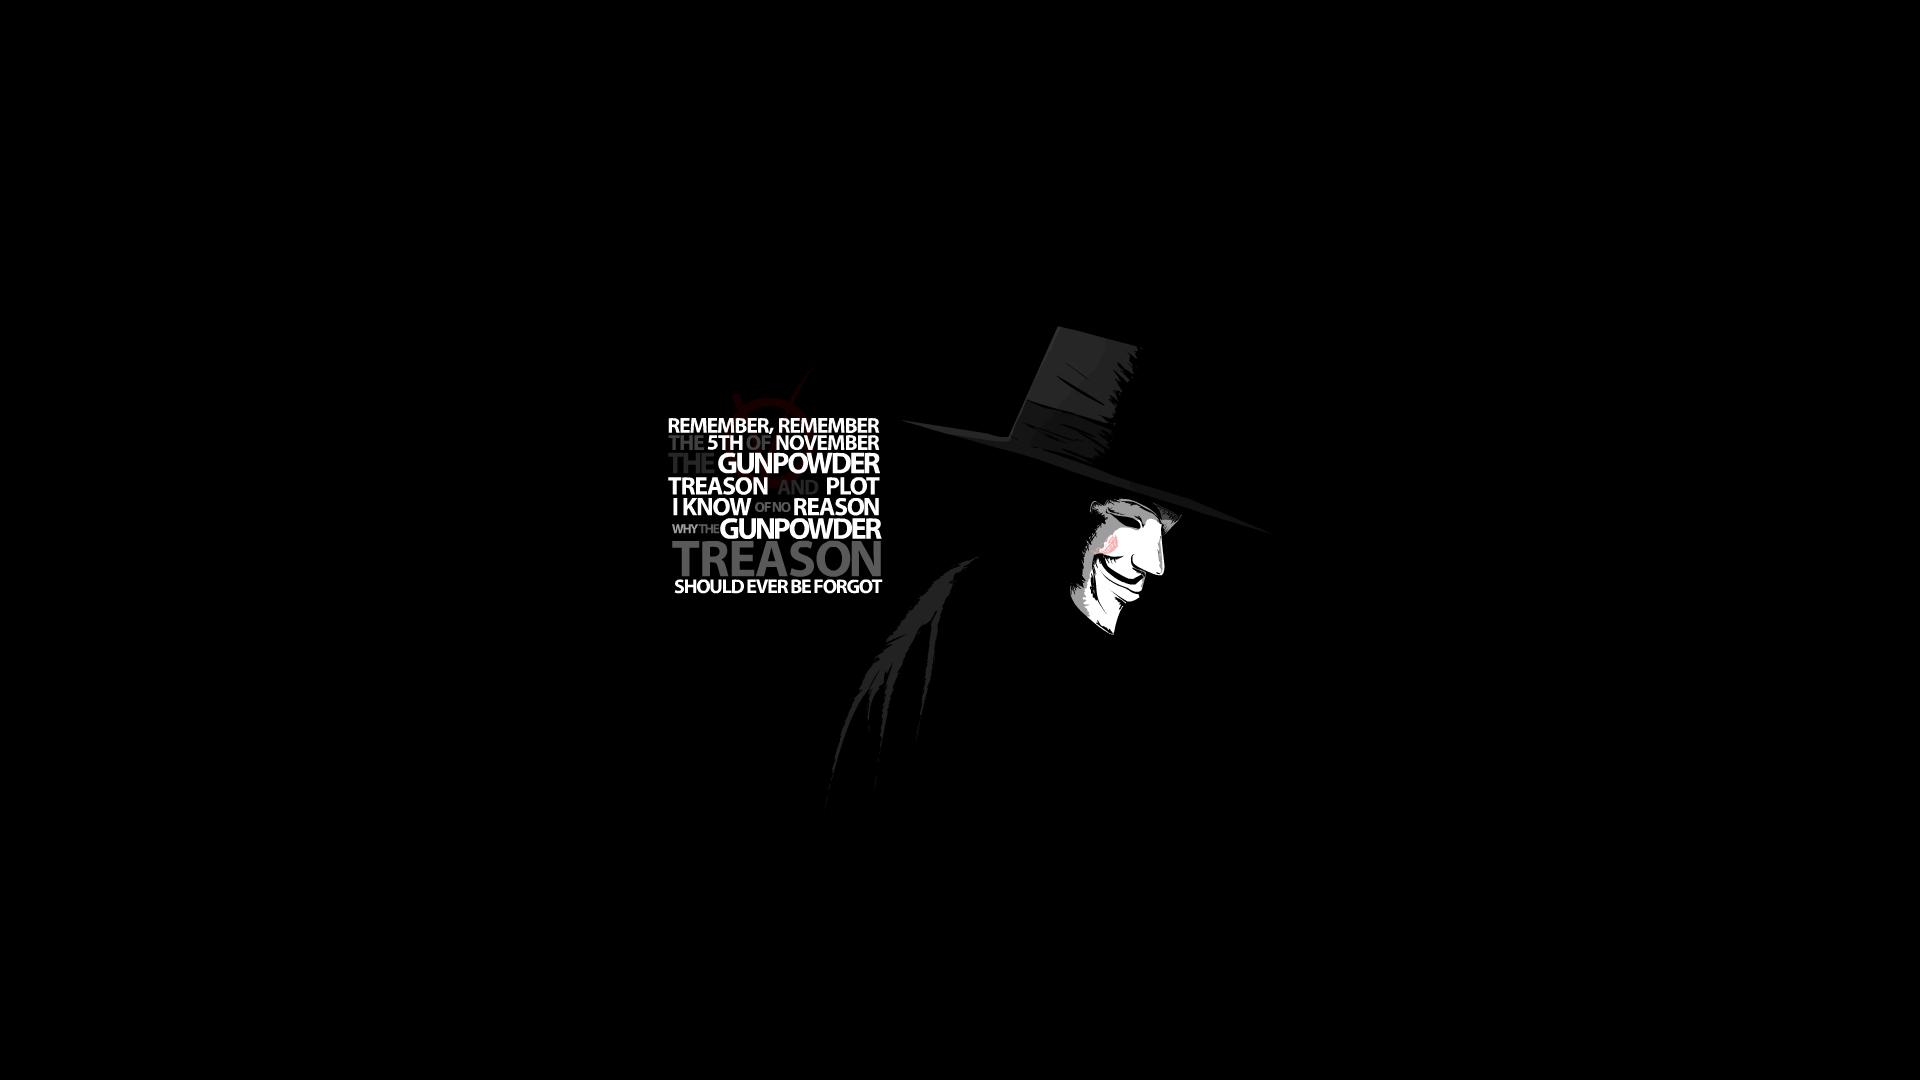 V For Vendetta Mask Wallpaper Quotes V for Vendetta - 5th N...